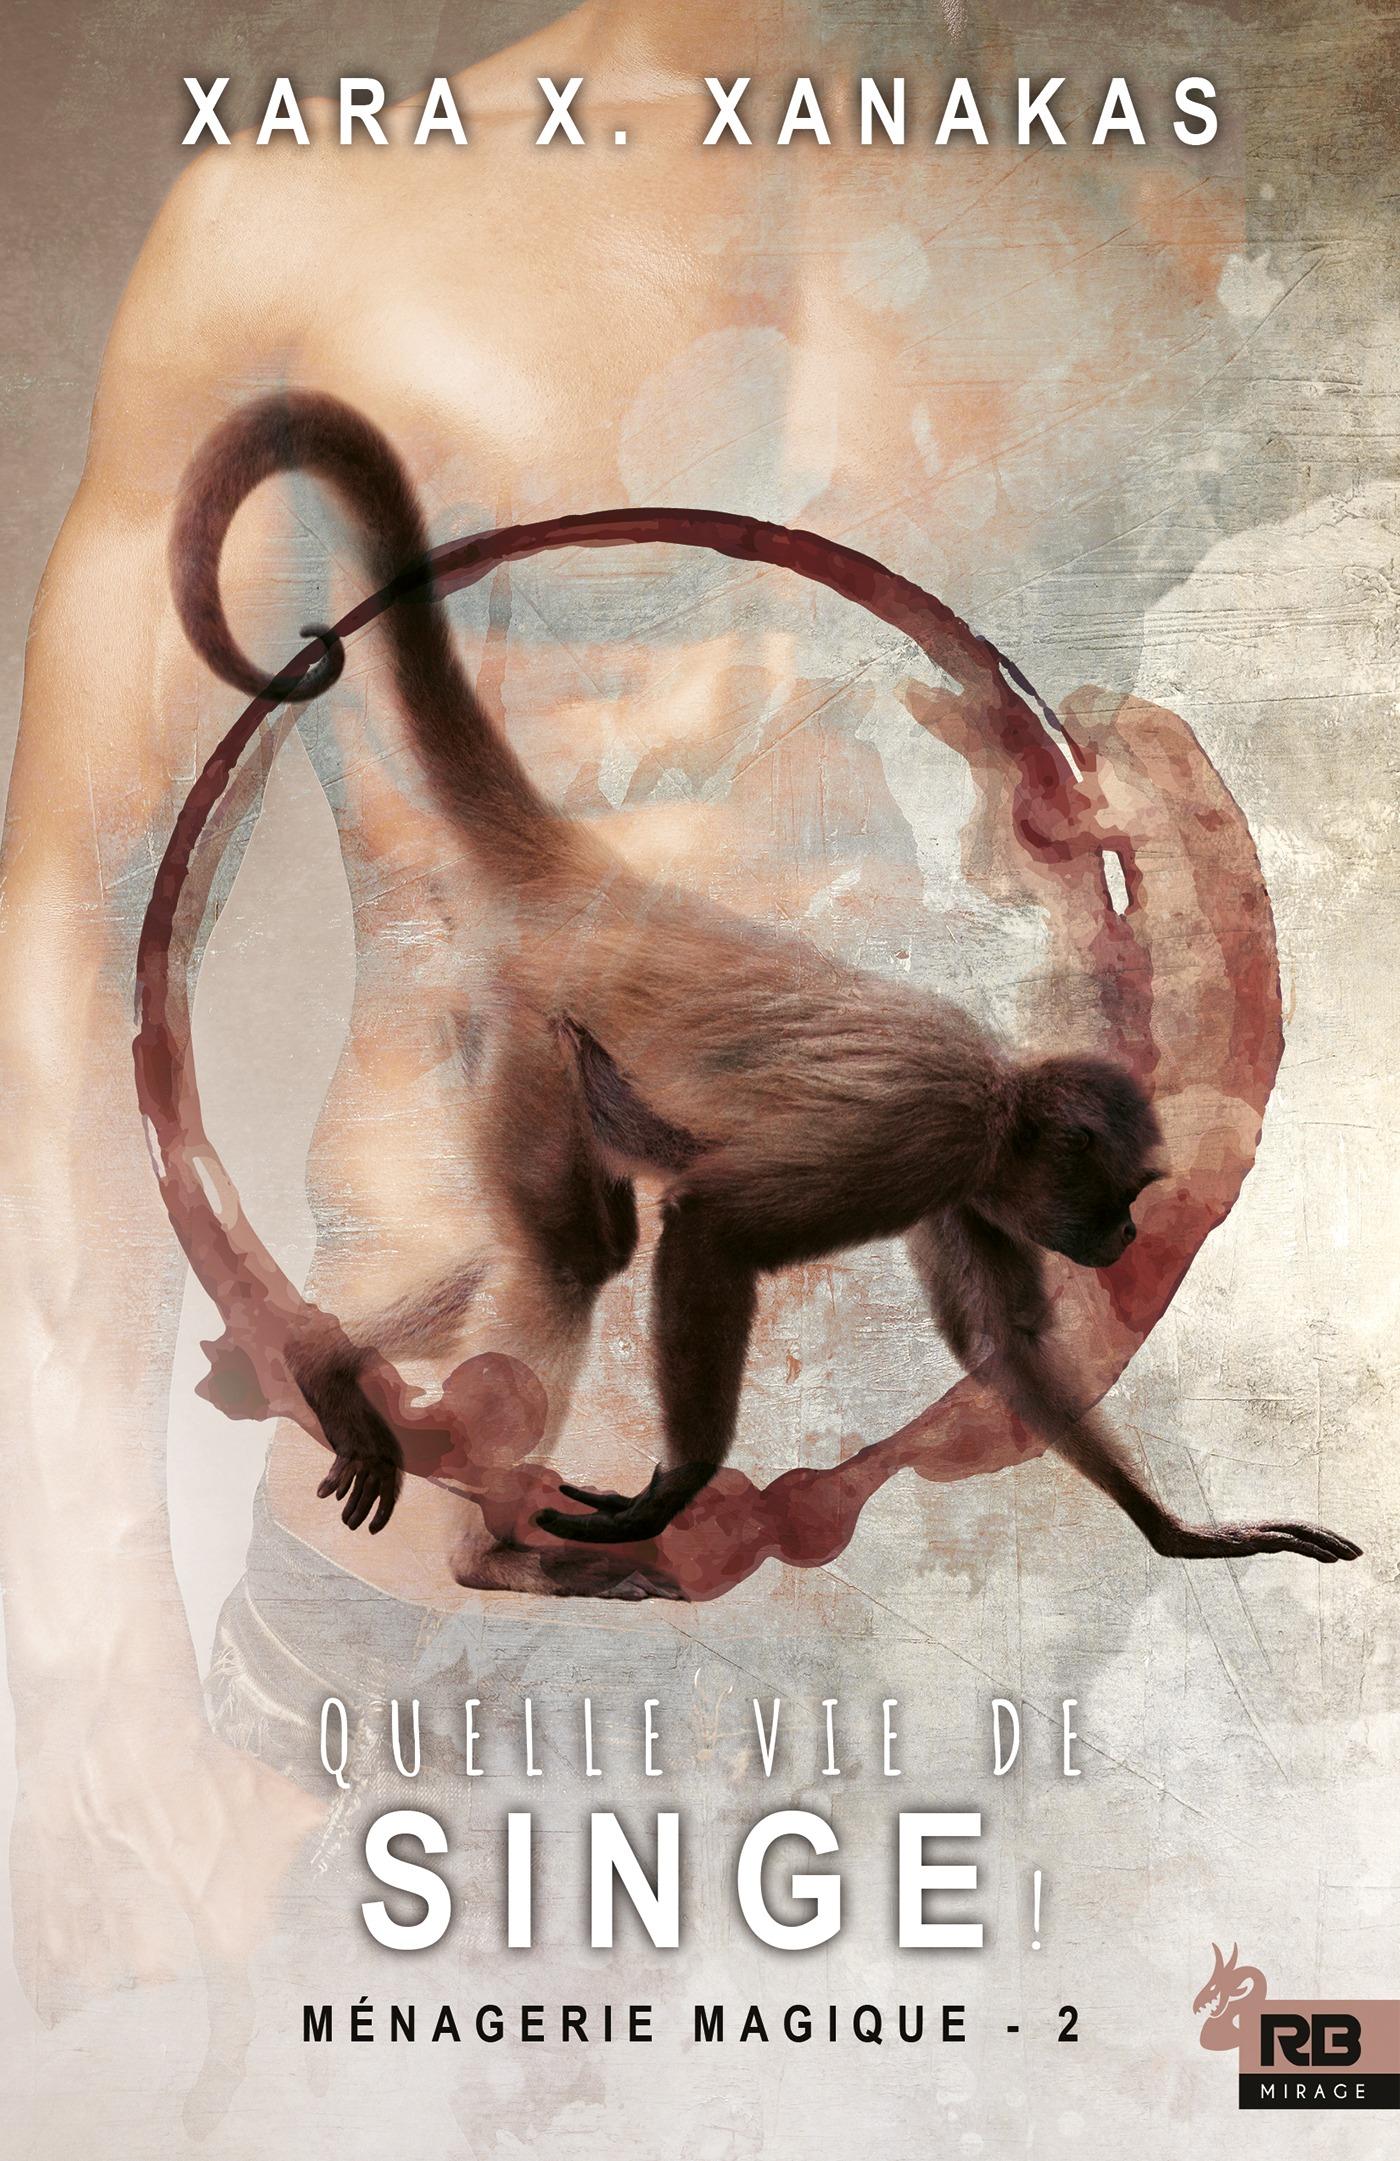 Quelle vie de singe !